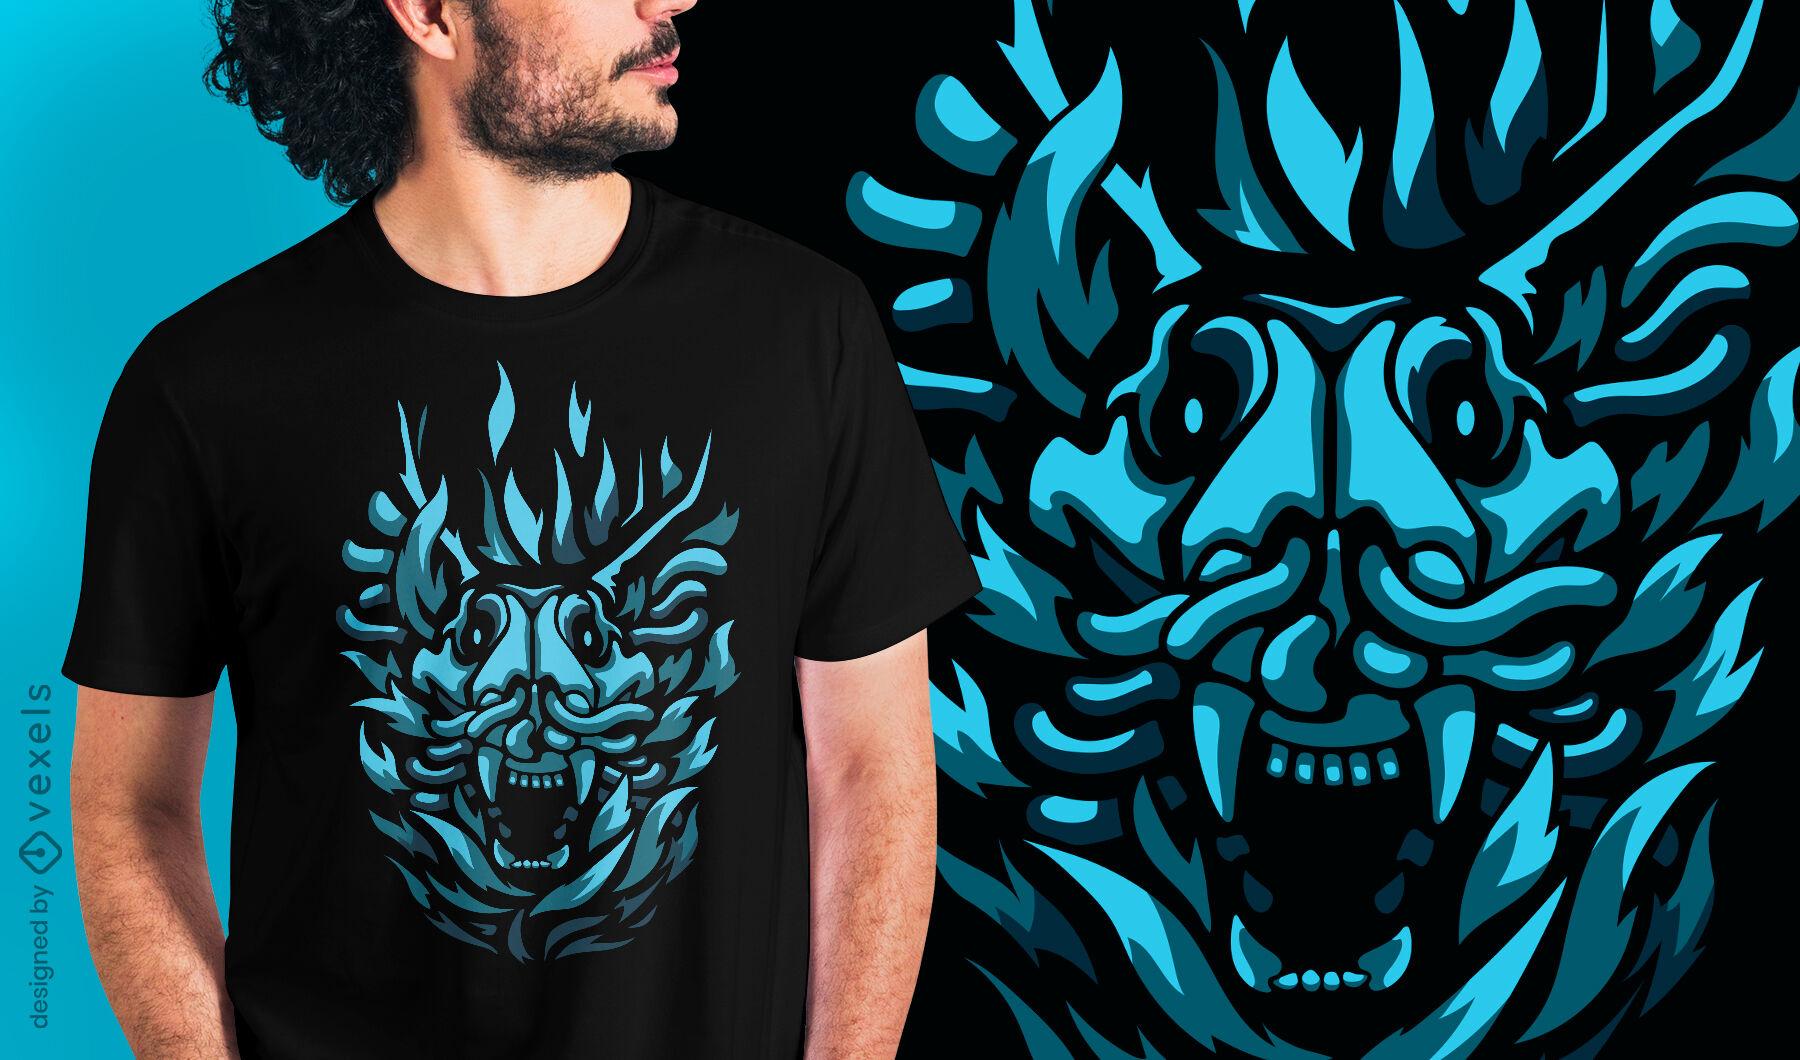 Criatura negra demônio design de t-shirt com cabeça de animal